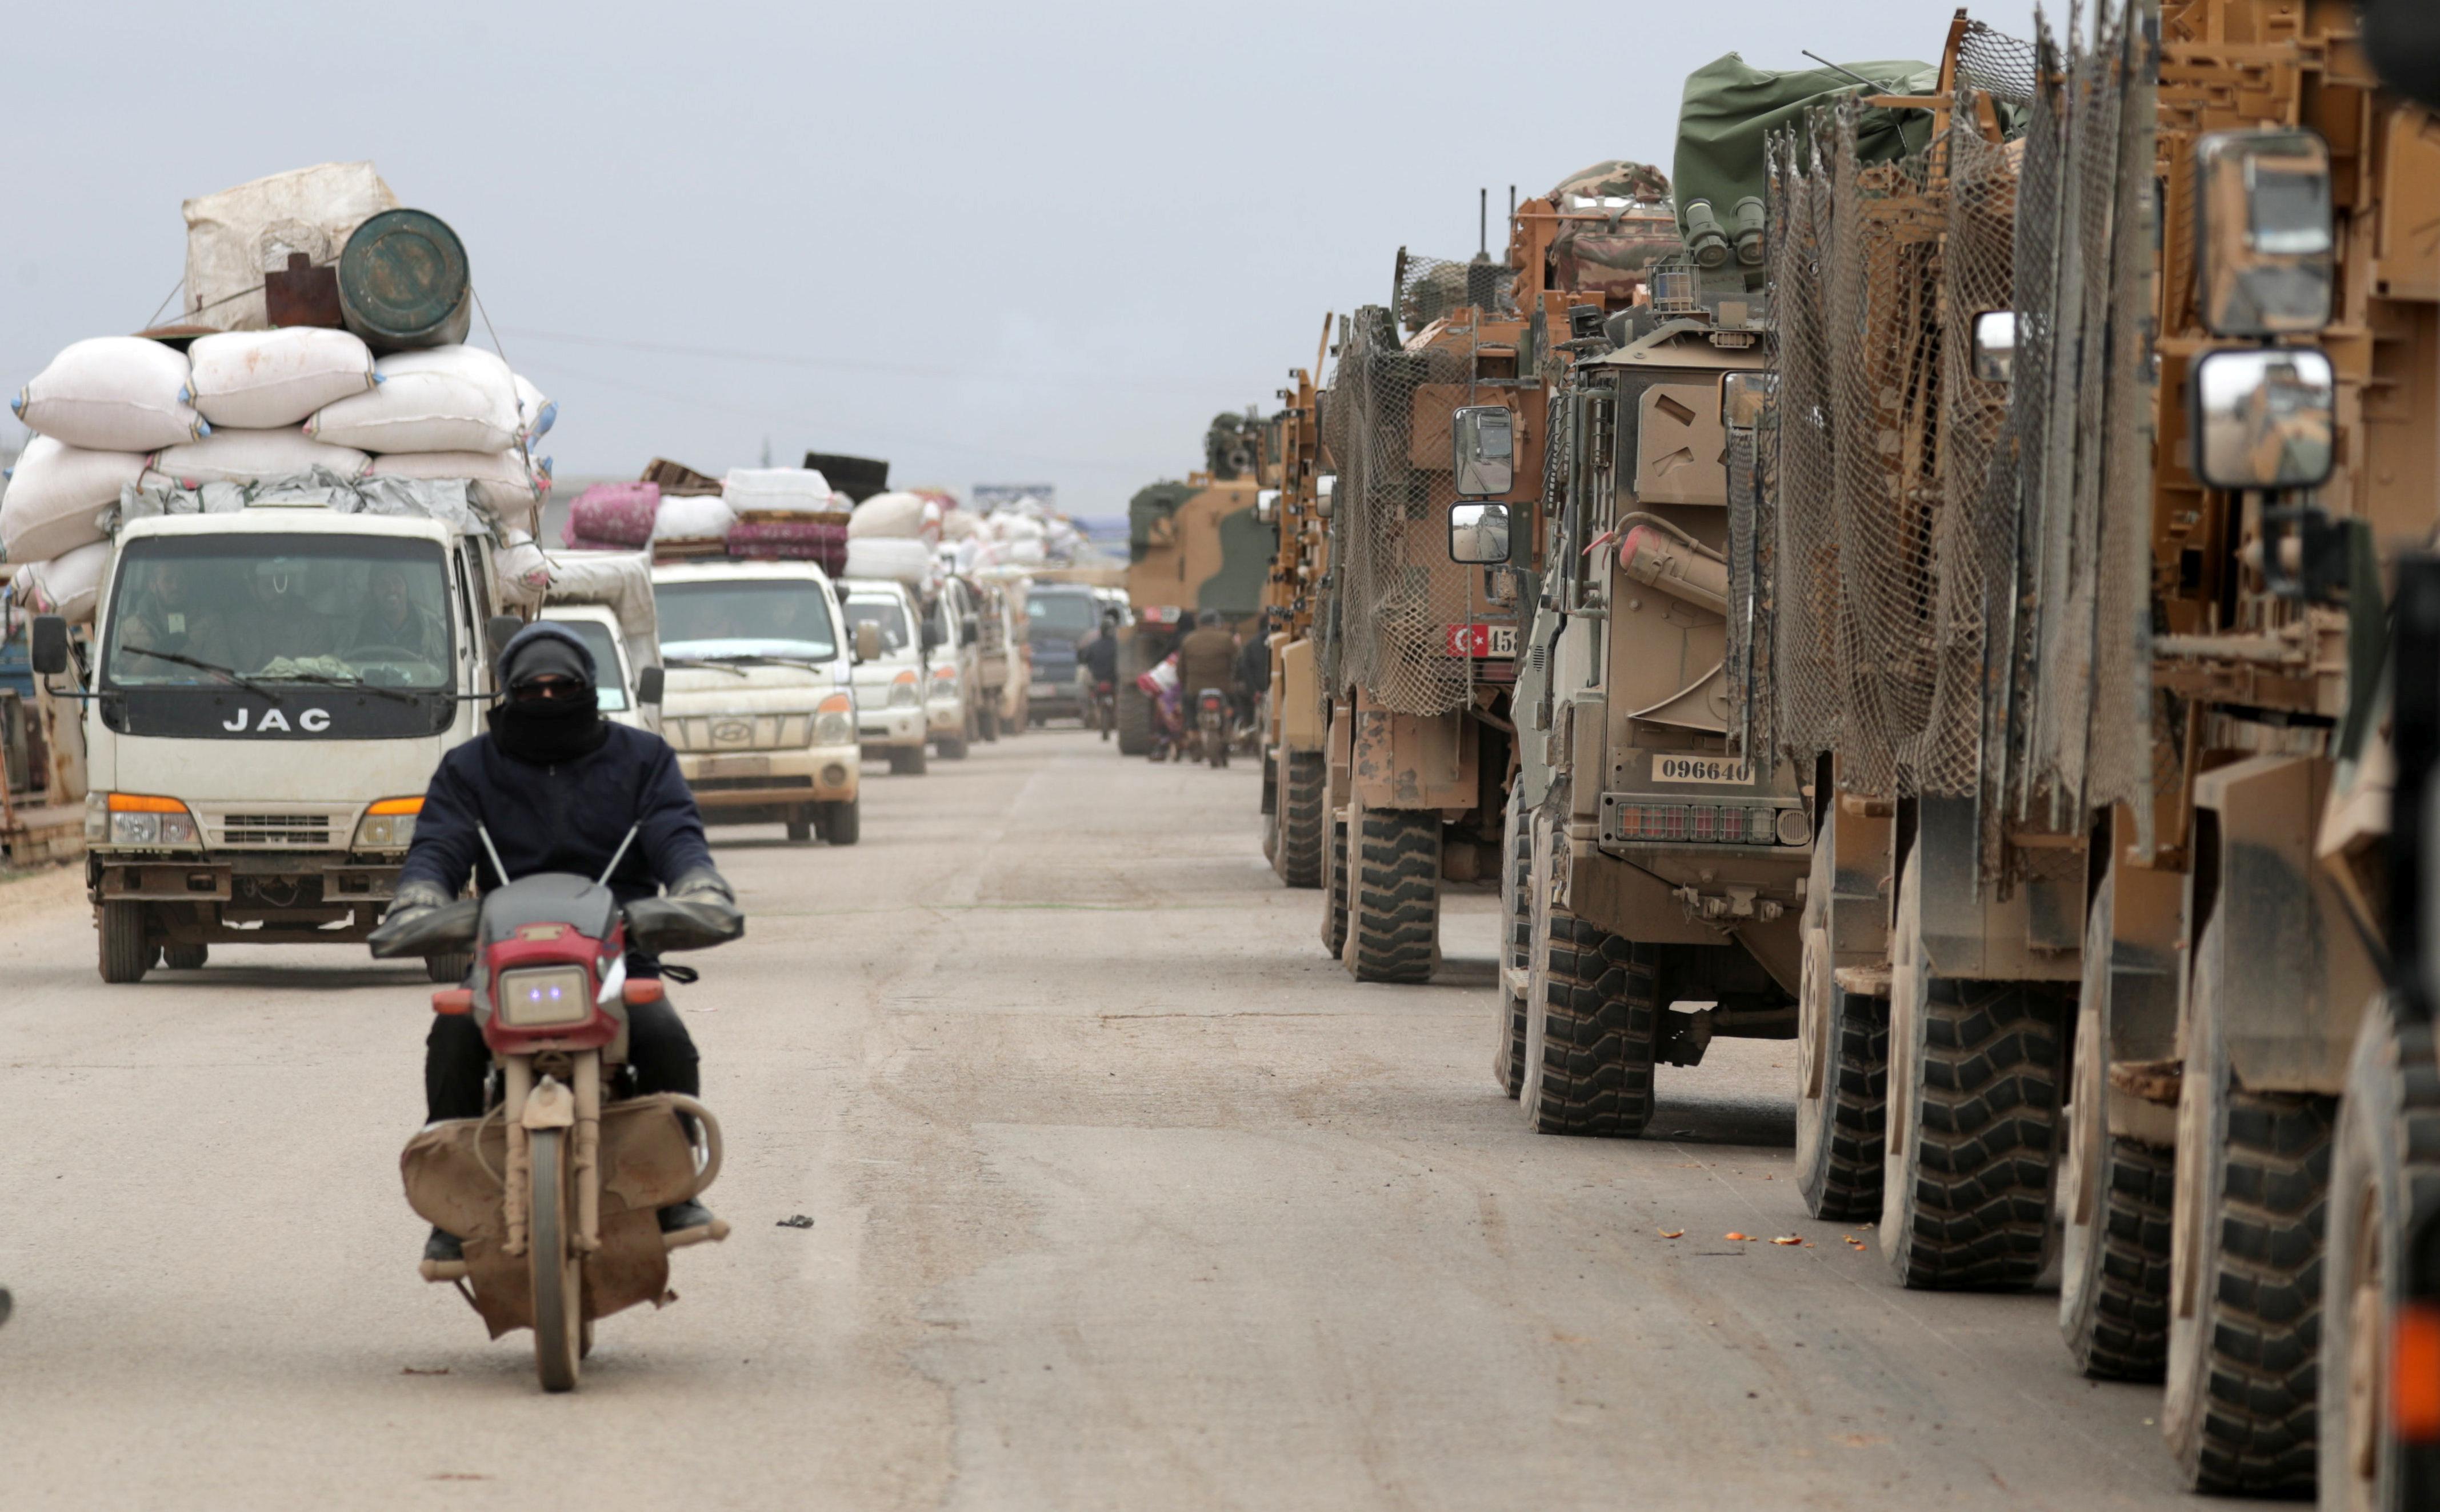 Una columna de civiles avanza en dirección contrario a los camiones y blindados turcos que se dirigen al encuentro con el régimen sirio